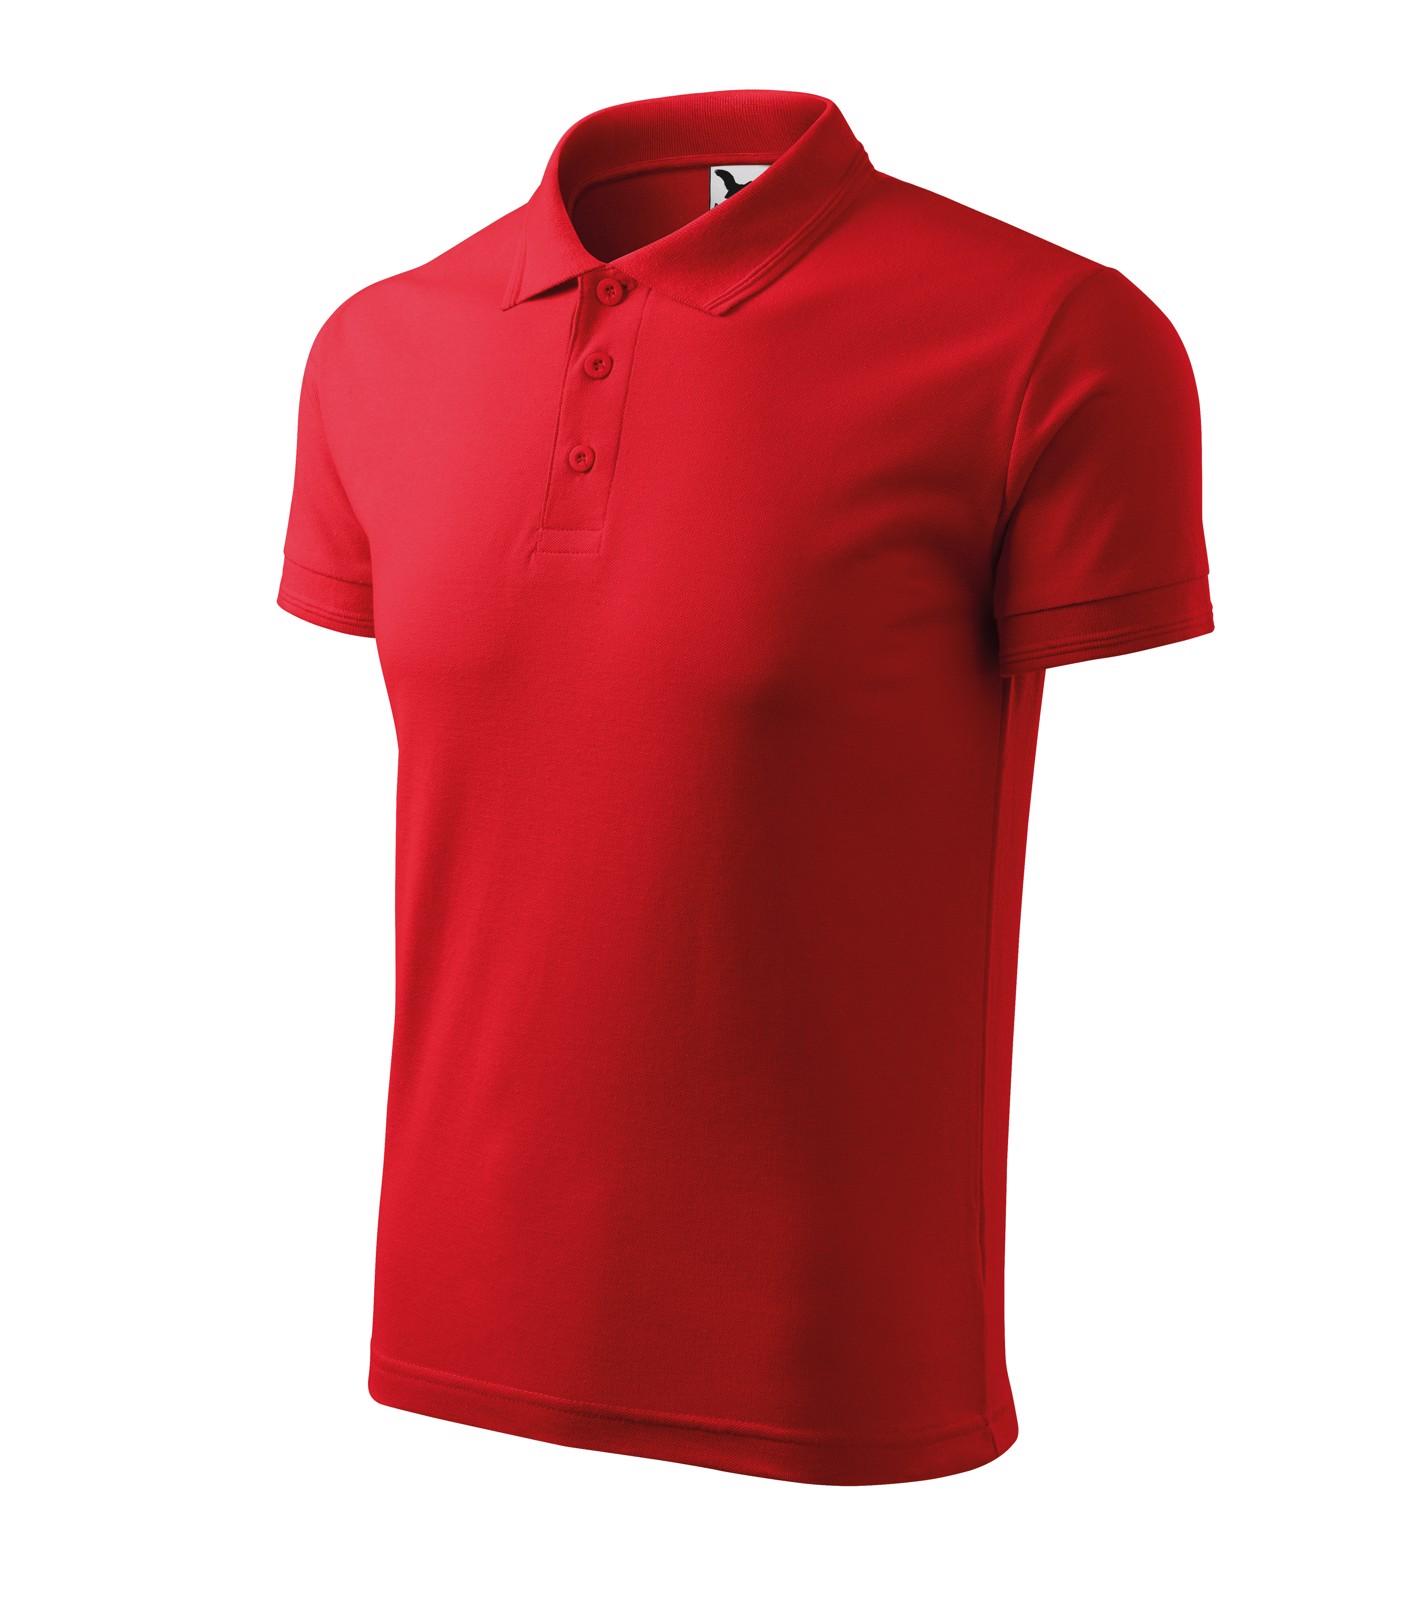 Polokošile pánská Malfini Pique Polo - Červená / 4XL